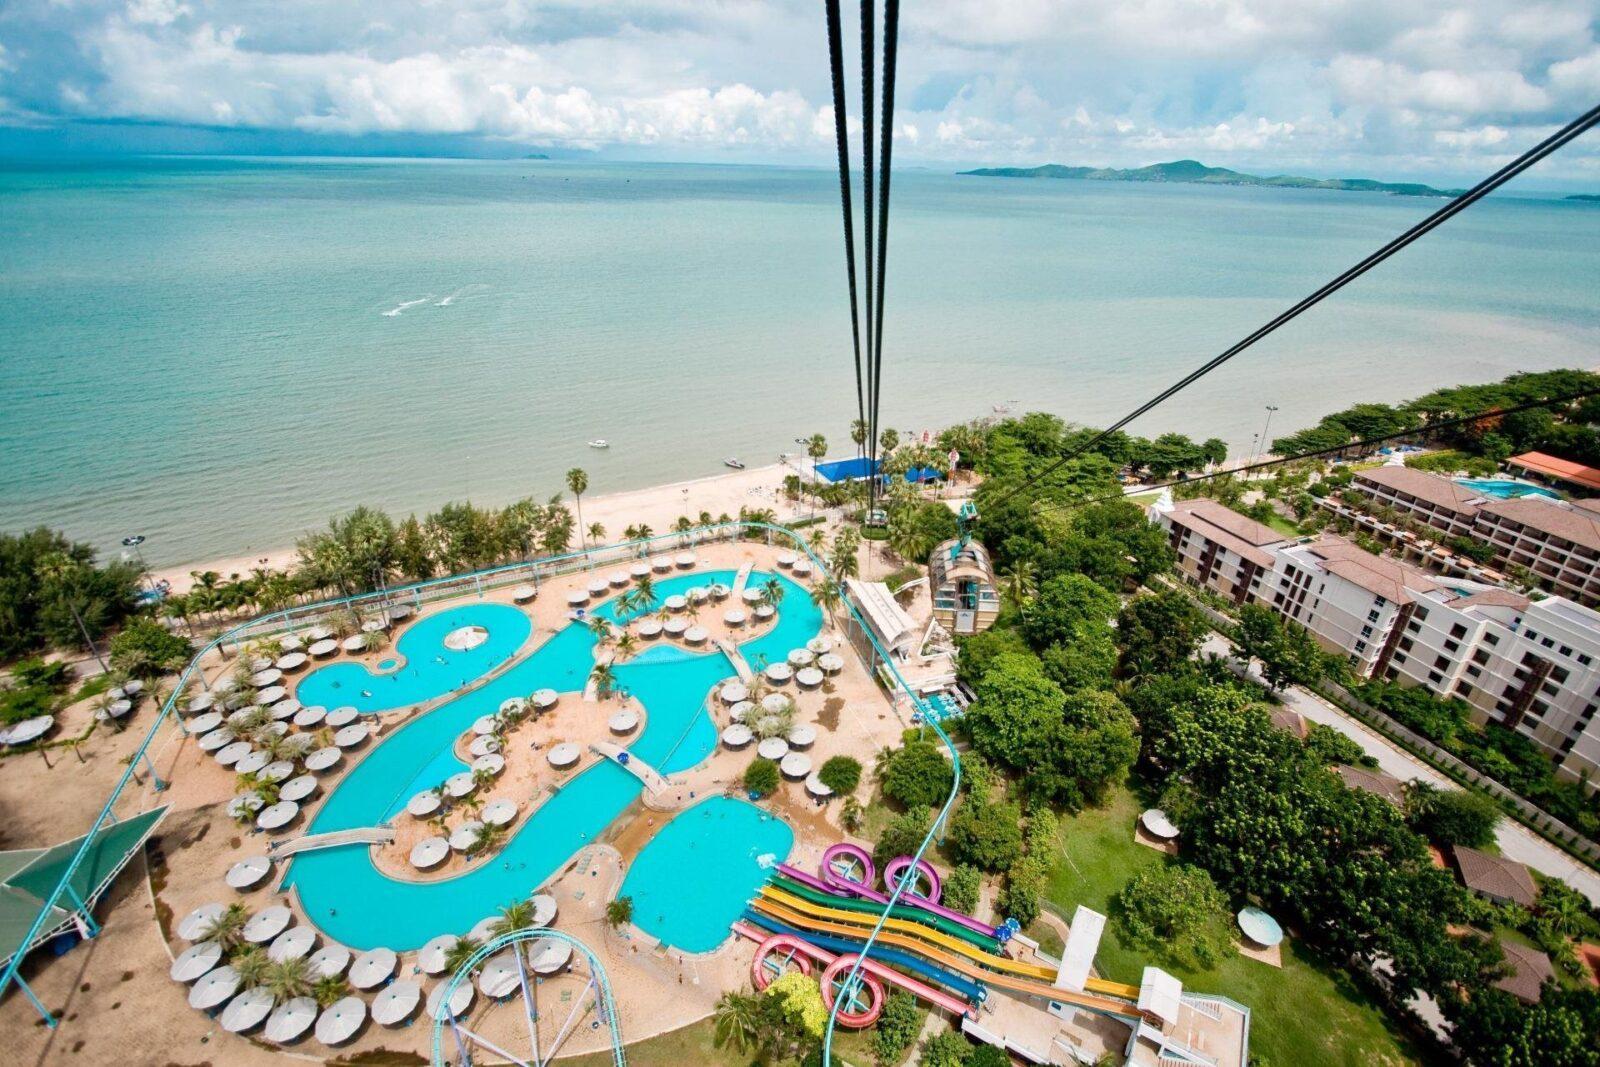 всех трех тайланд отель паттайя парк фото мере взросления она